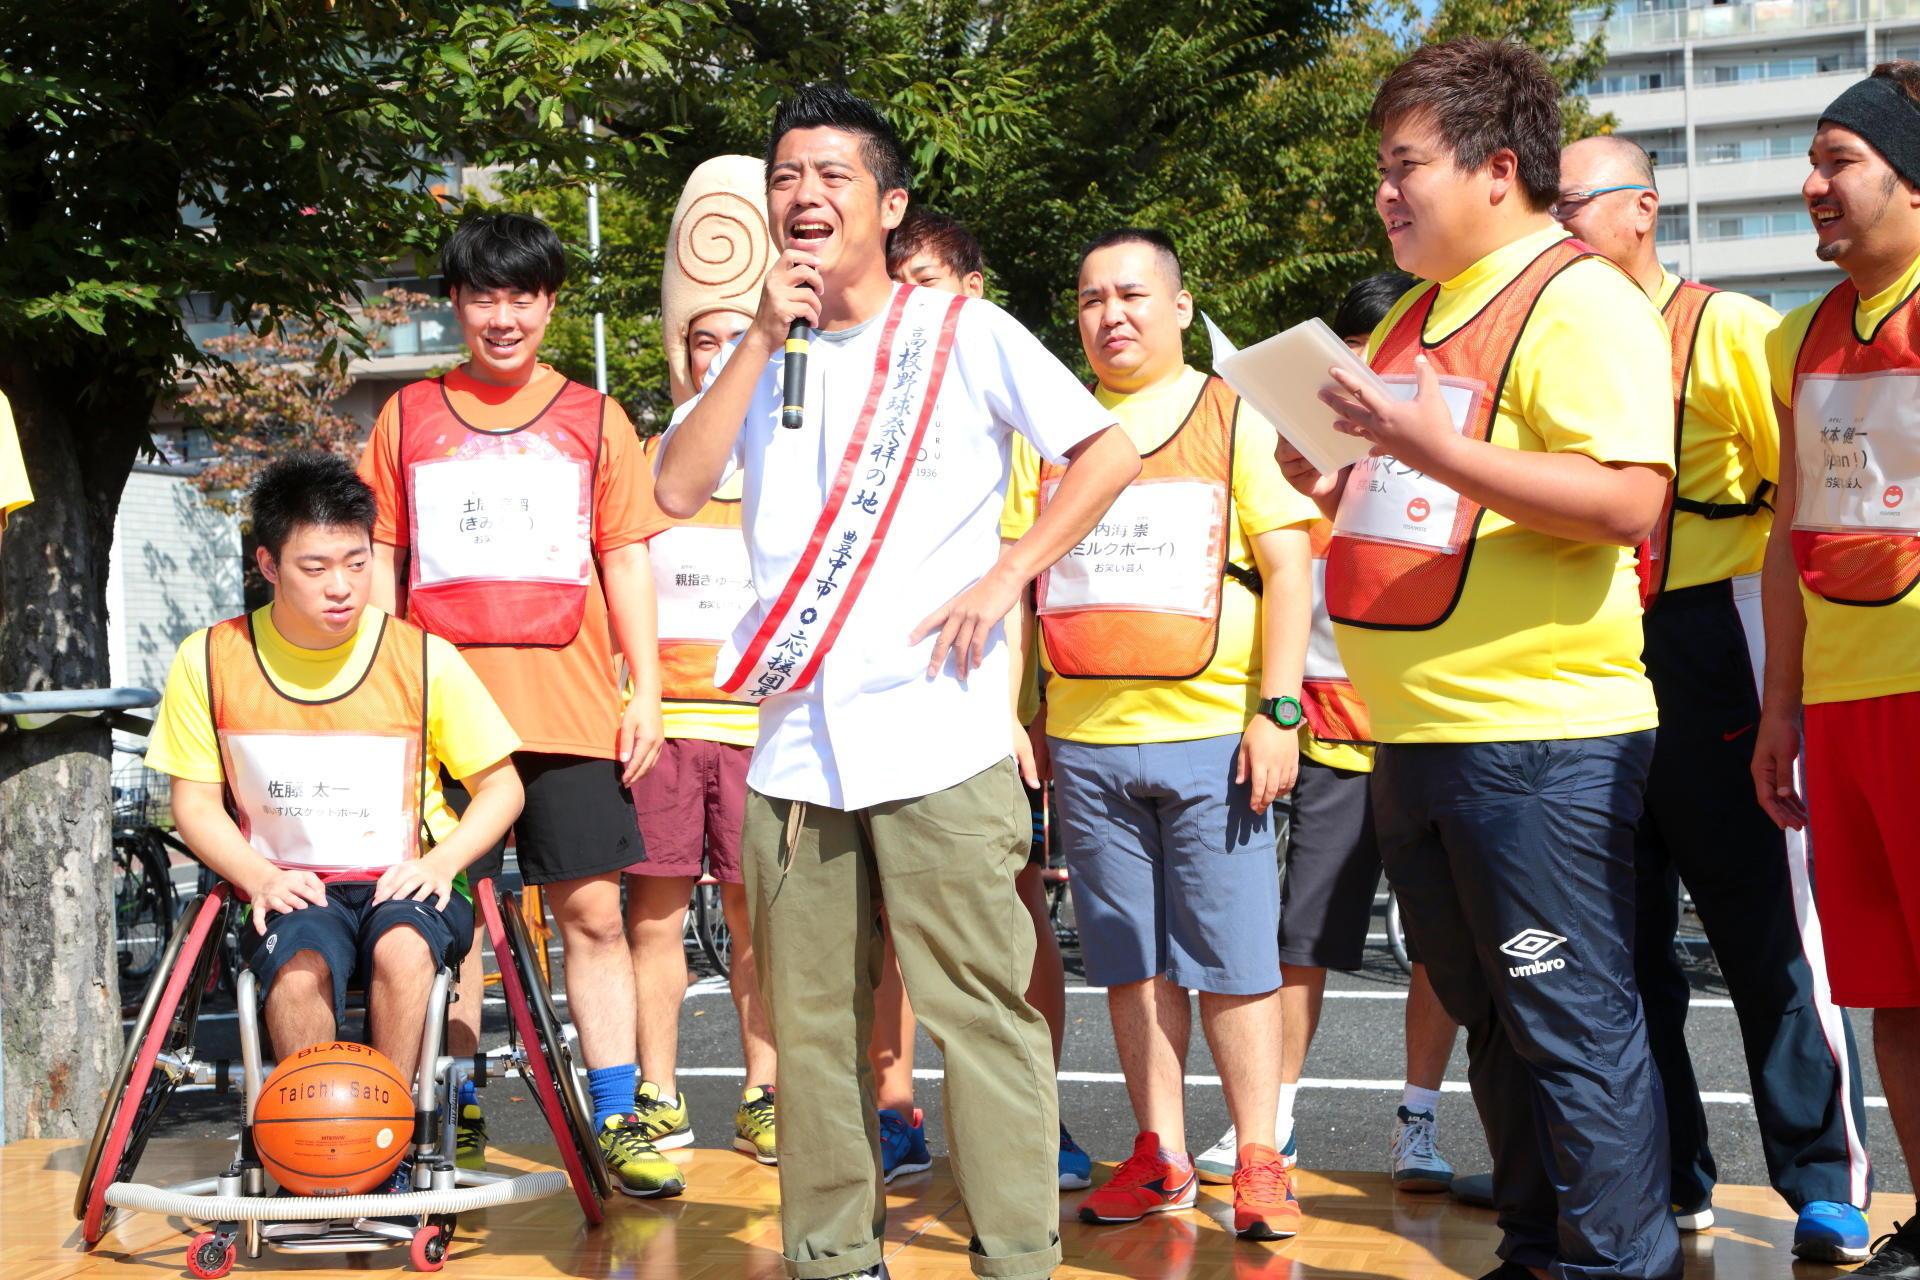 http://news.yoshimoto.co.jp/20171012101748-77a815ee10dd479a9559160f464cd4b8bcb5914c.jpg